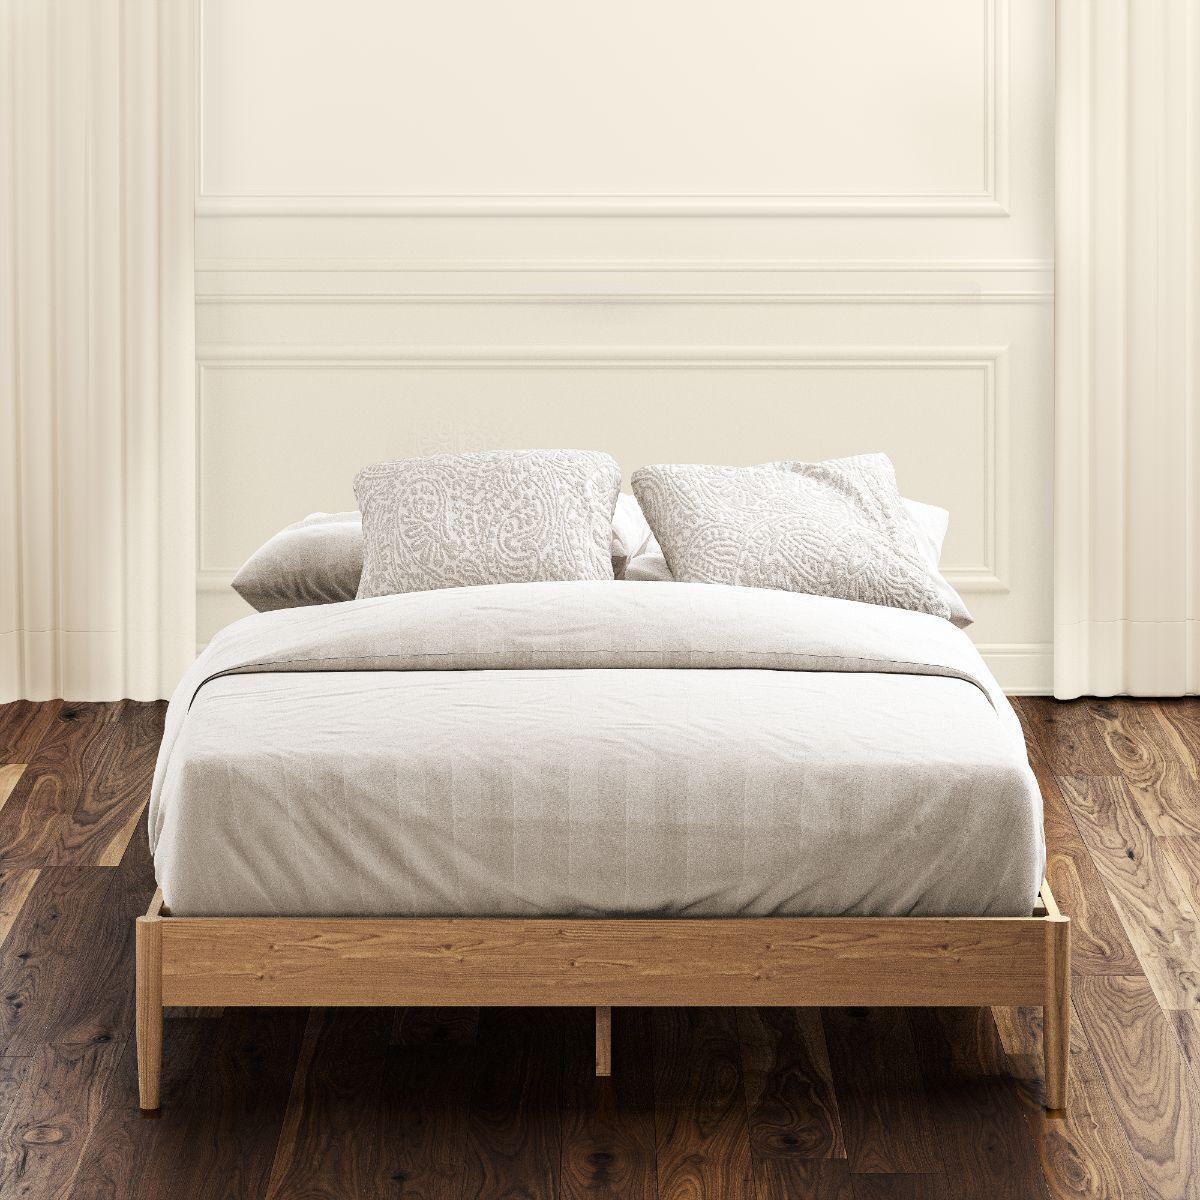 Amelia Wood Platform Bed Frame in 2020 Wood platform bed